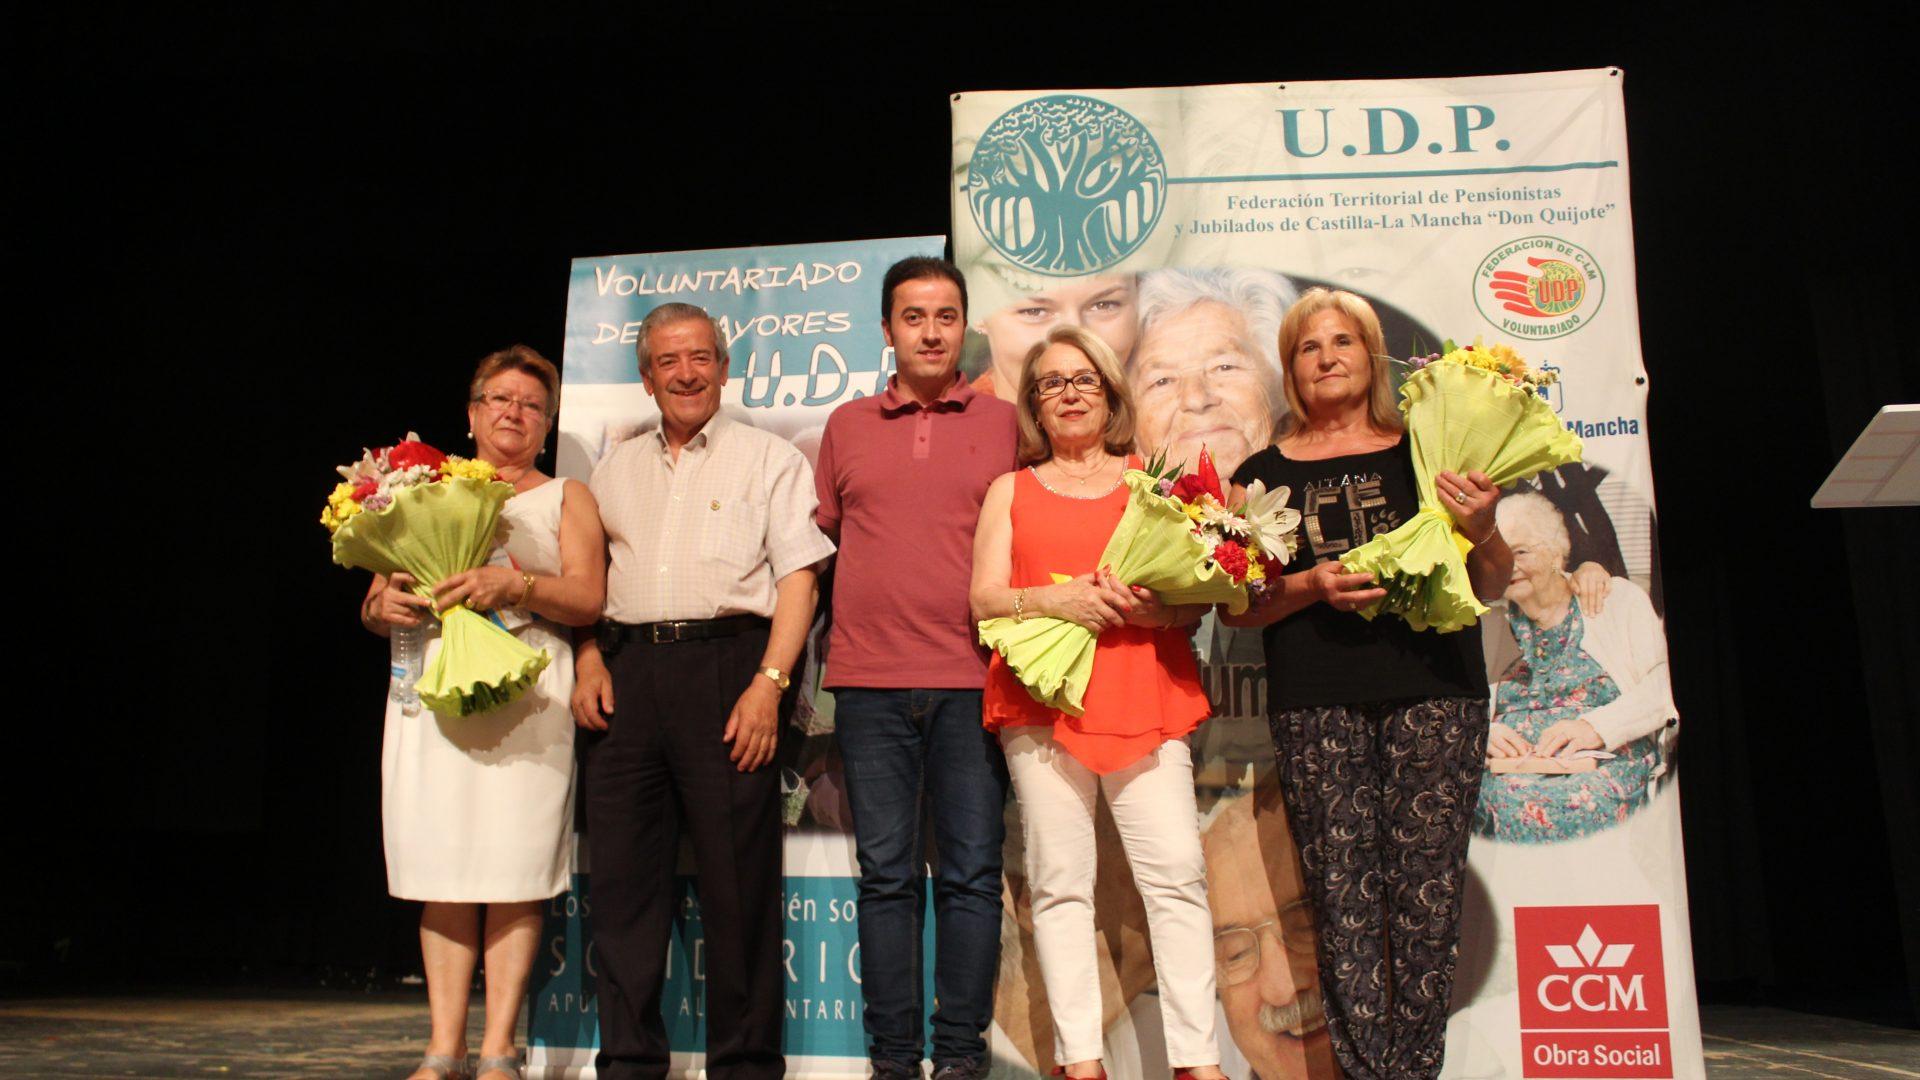 INIESTA RECONOCE A SUS MAYORES Y A LOS VOLUNTARIOS DE UDP